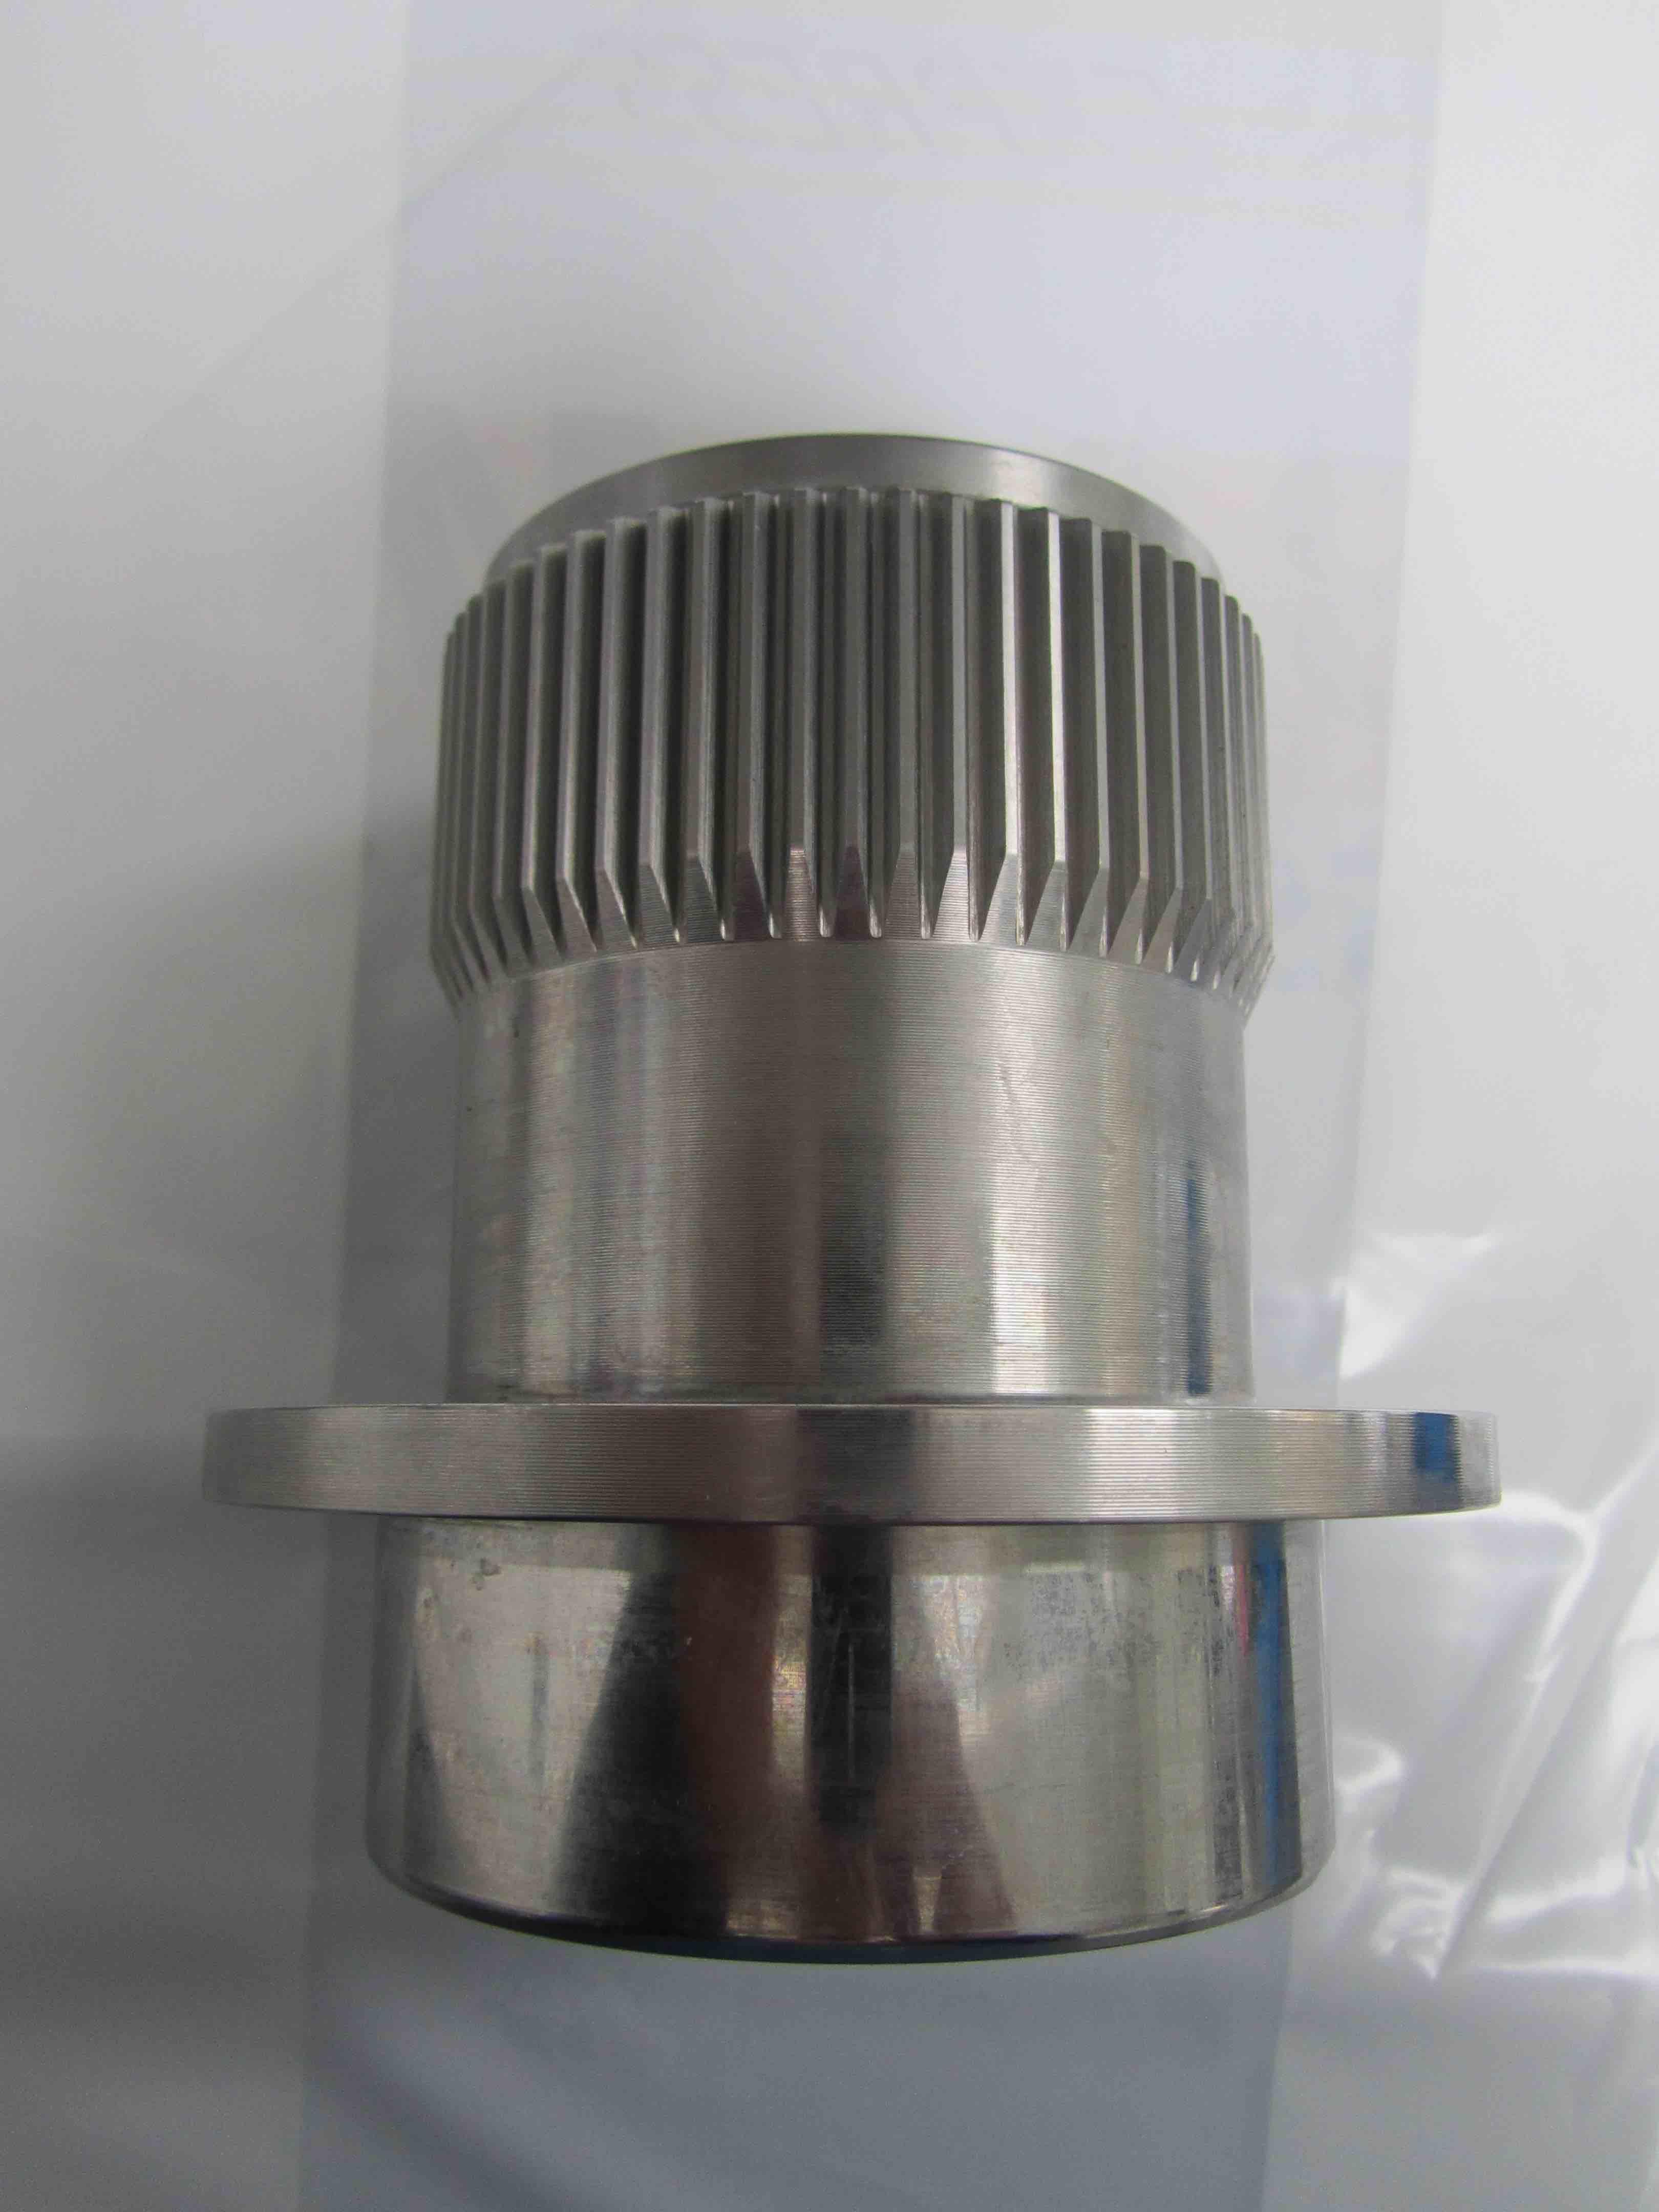 045D7472 Output shaft